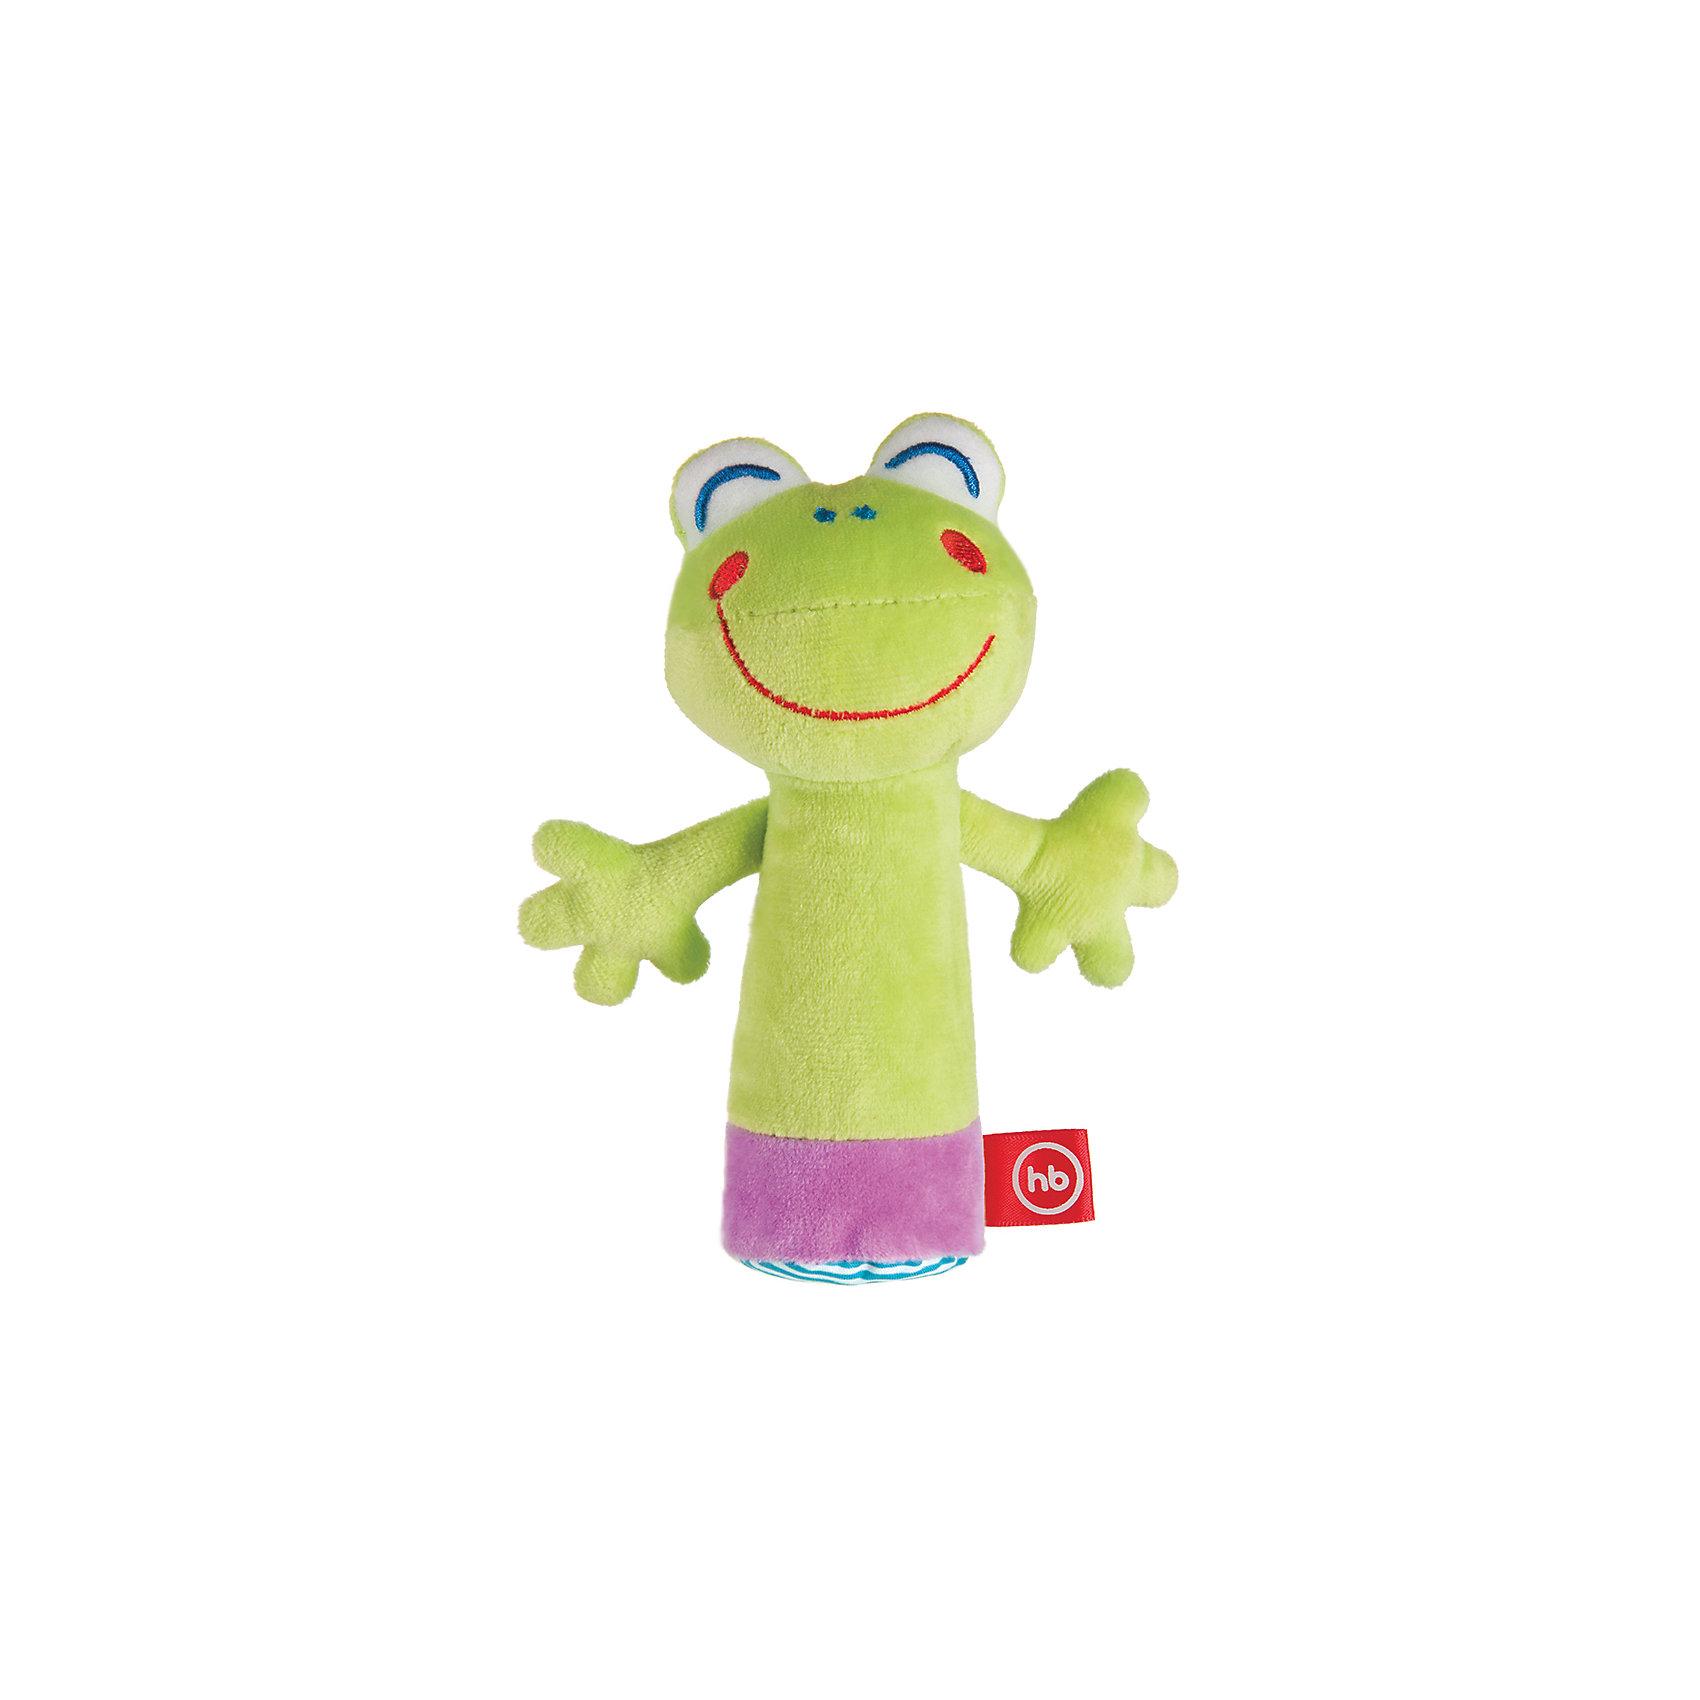 Погремушка-пищалка Cheepy Frogling, Happy babyПогремушки<br>Мягкая пищалка CHEEPY FROGLING представляет собой игрушку в виде весёлого лягушонка, который пищит при нажатии на его животик. Мягкий на ощупь лягушонок с весёлой мордочкой вызывает положительные эмоции у малыша, ведь так и хочется улыбнуться ему в ответ. В руках ребёнка лягушонок оживает и дарит ему много радости!<br><br>Ширина мм: 40<br>Глубина мм: 120<br>Высота мм: 214<br>Вес г: 60<br>Возраст от месяцев: 3<br>Возраст до месяцев: 18<br>Пол: Унисекс<br>Возраст: Детский<br>SKU: 5621713